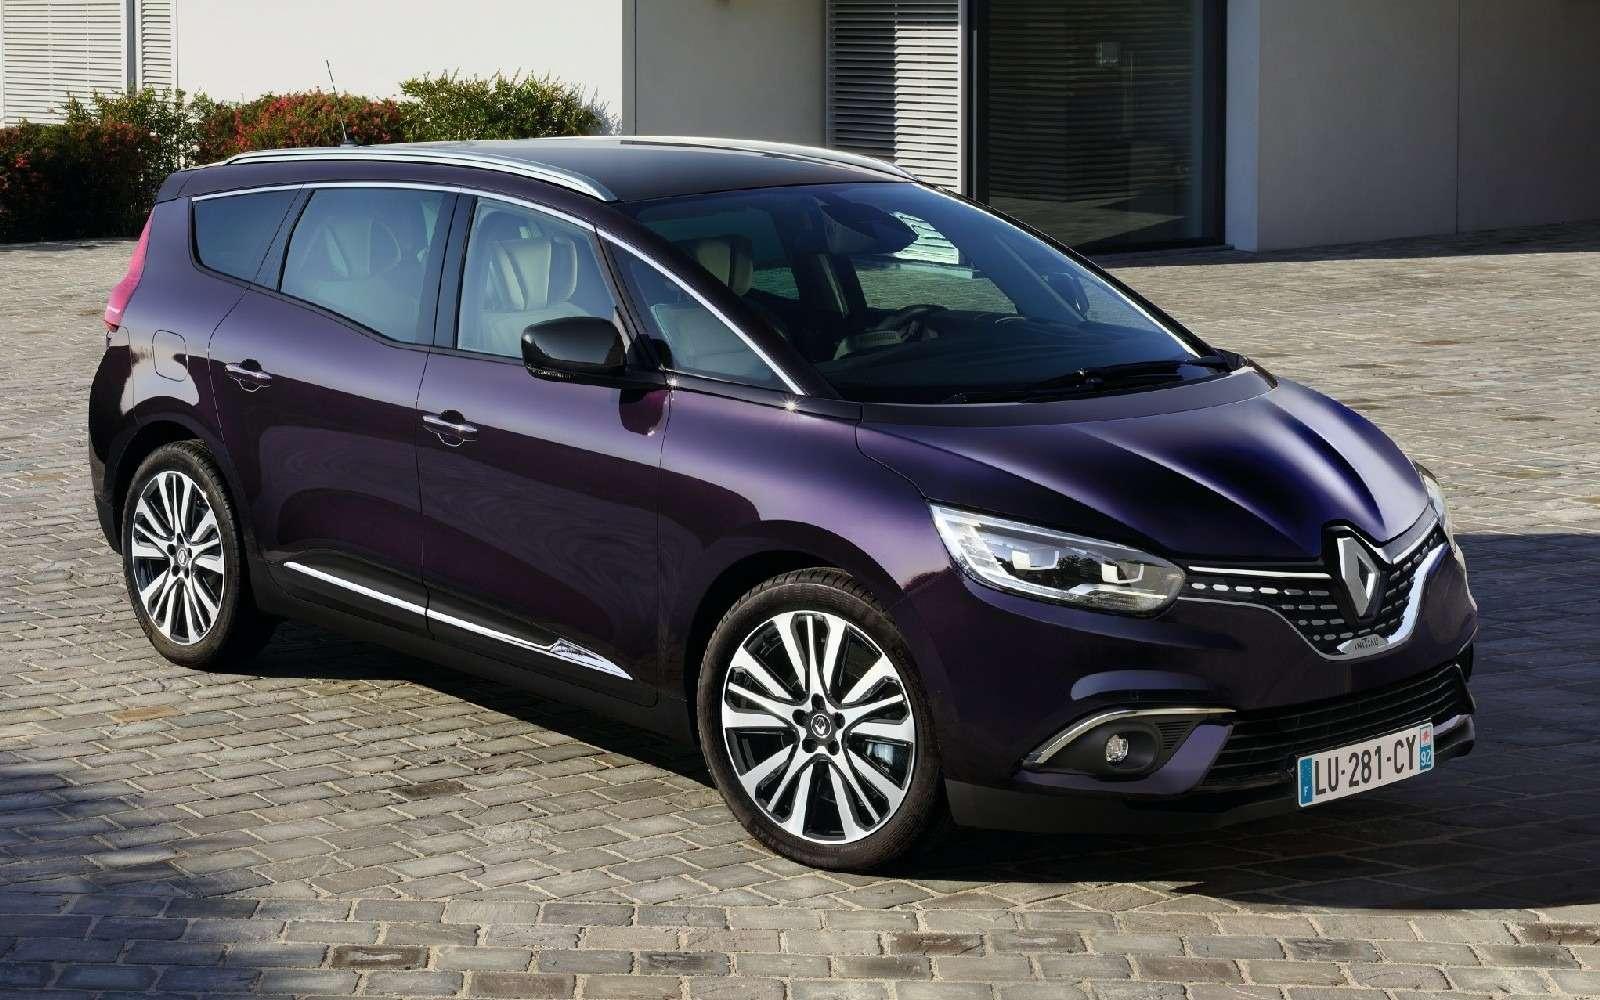 Парижский гламур: новый Renault Scenic стал еще красивее— фото 759179